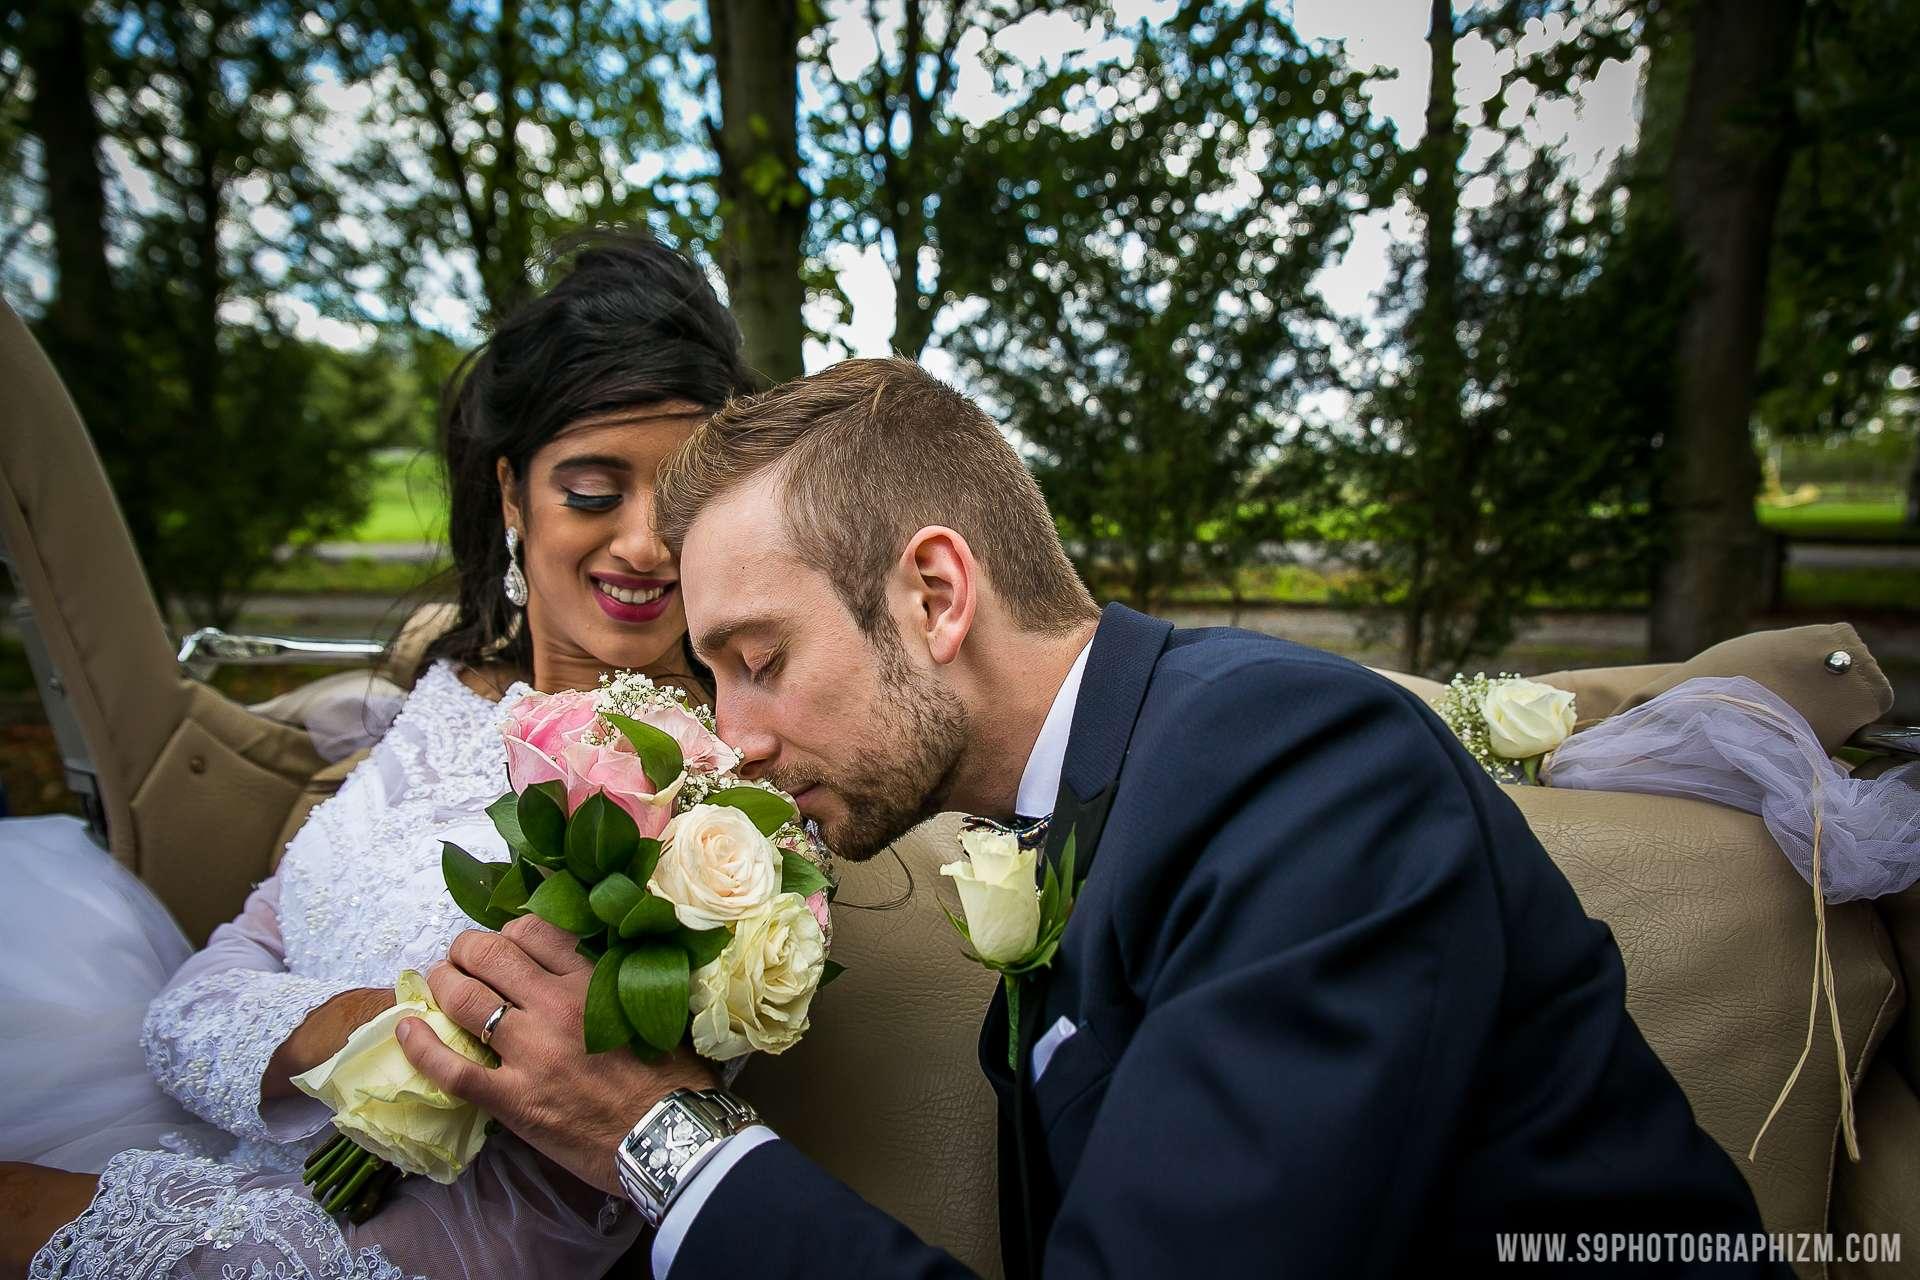 s9photographizm photographe professionnelle de mariage Nord Pas de Calais, Hauts de France Lille, Arras, Lens